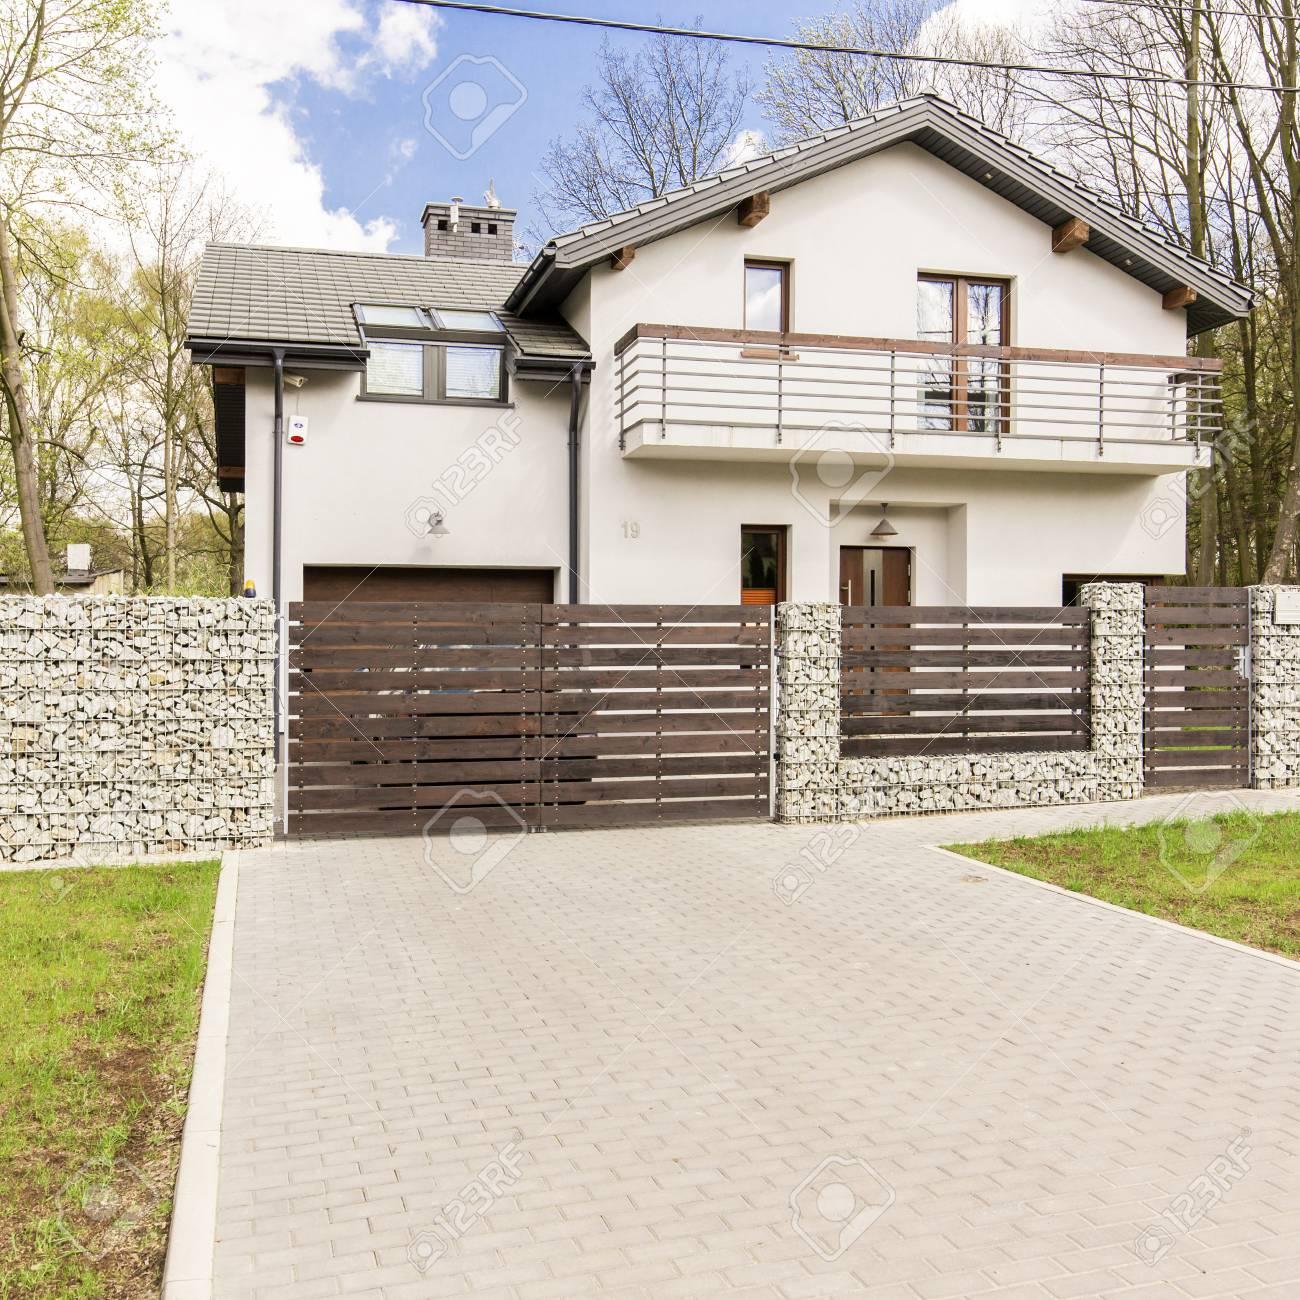 Maison individuelle blanche moderne avec une entrée et une clôture en bois